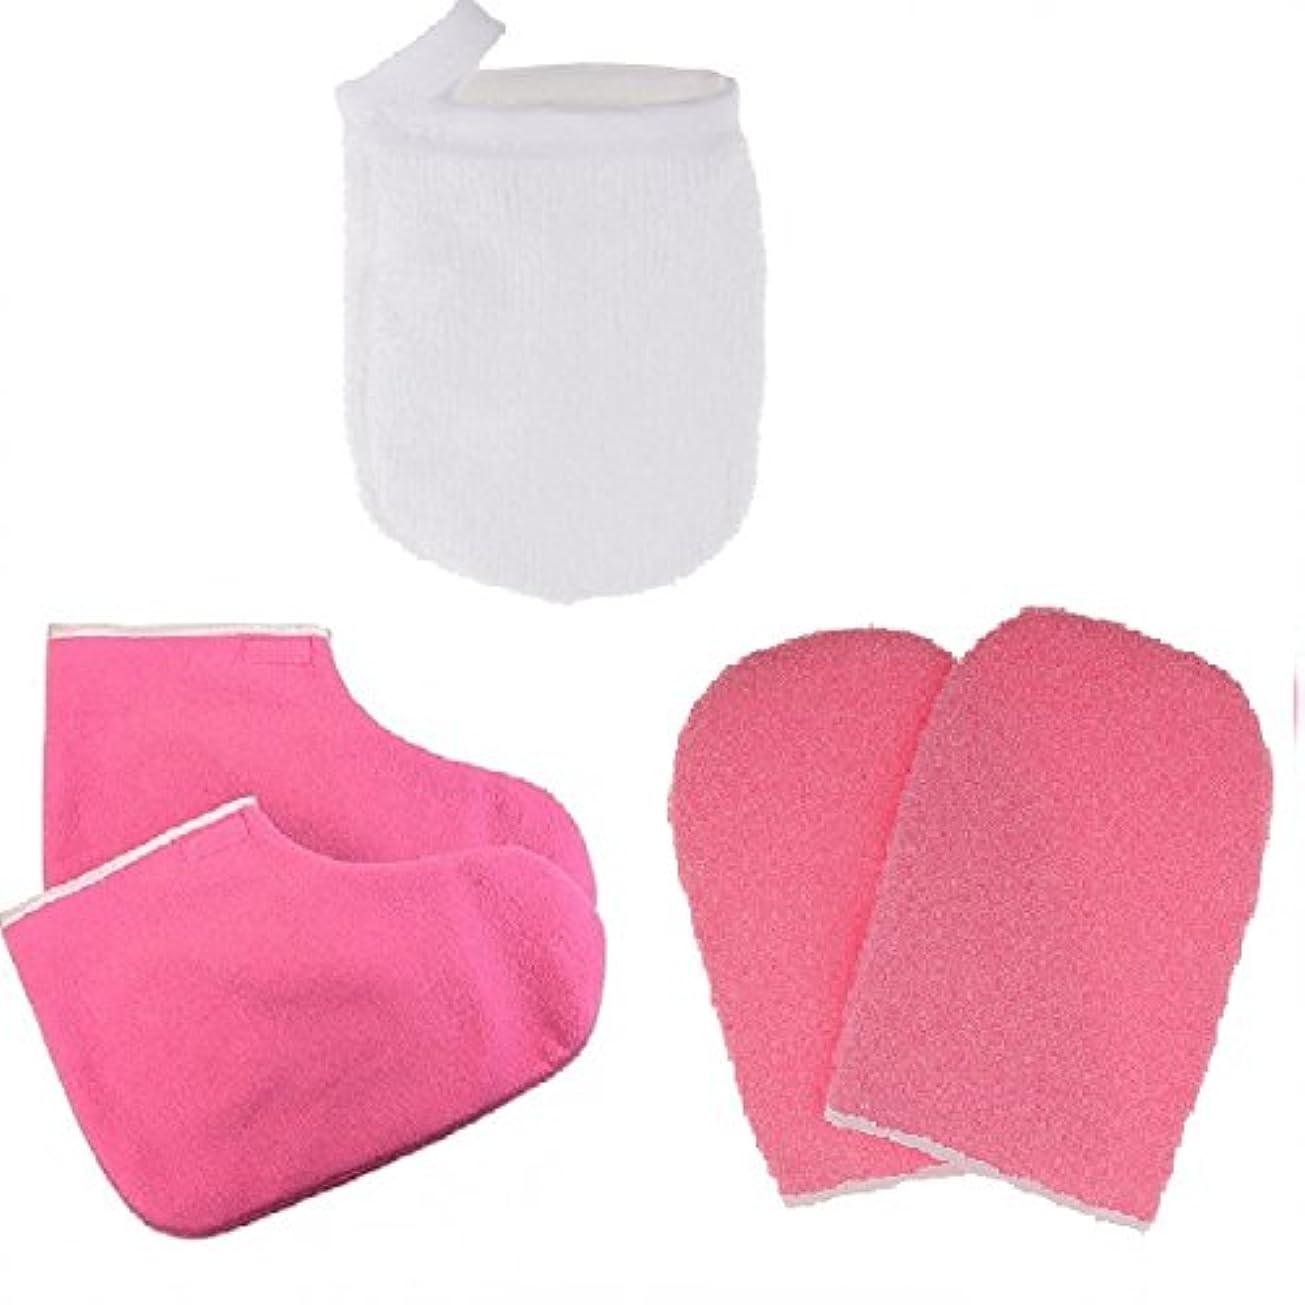 月曜騙すヘルシーB Blesiya グローブ パラフィンワックス保護手袋 メイクリムーバー パッド パラフィンワックス手袋